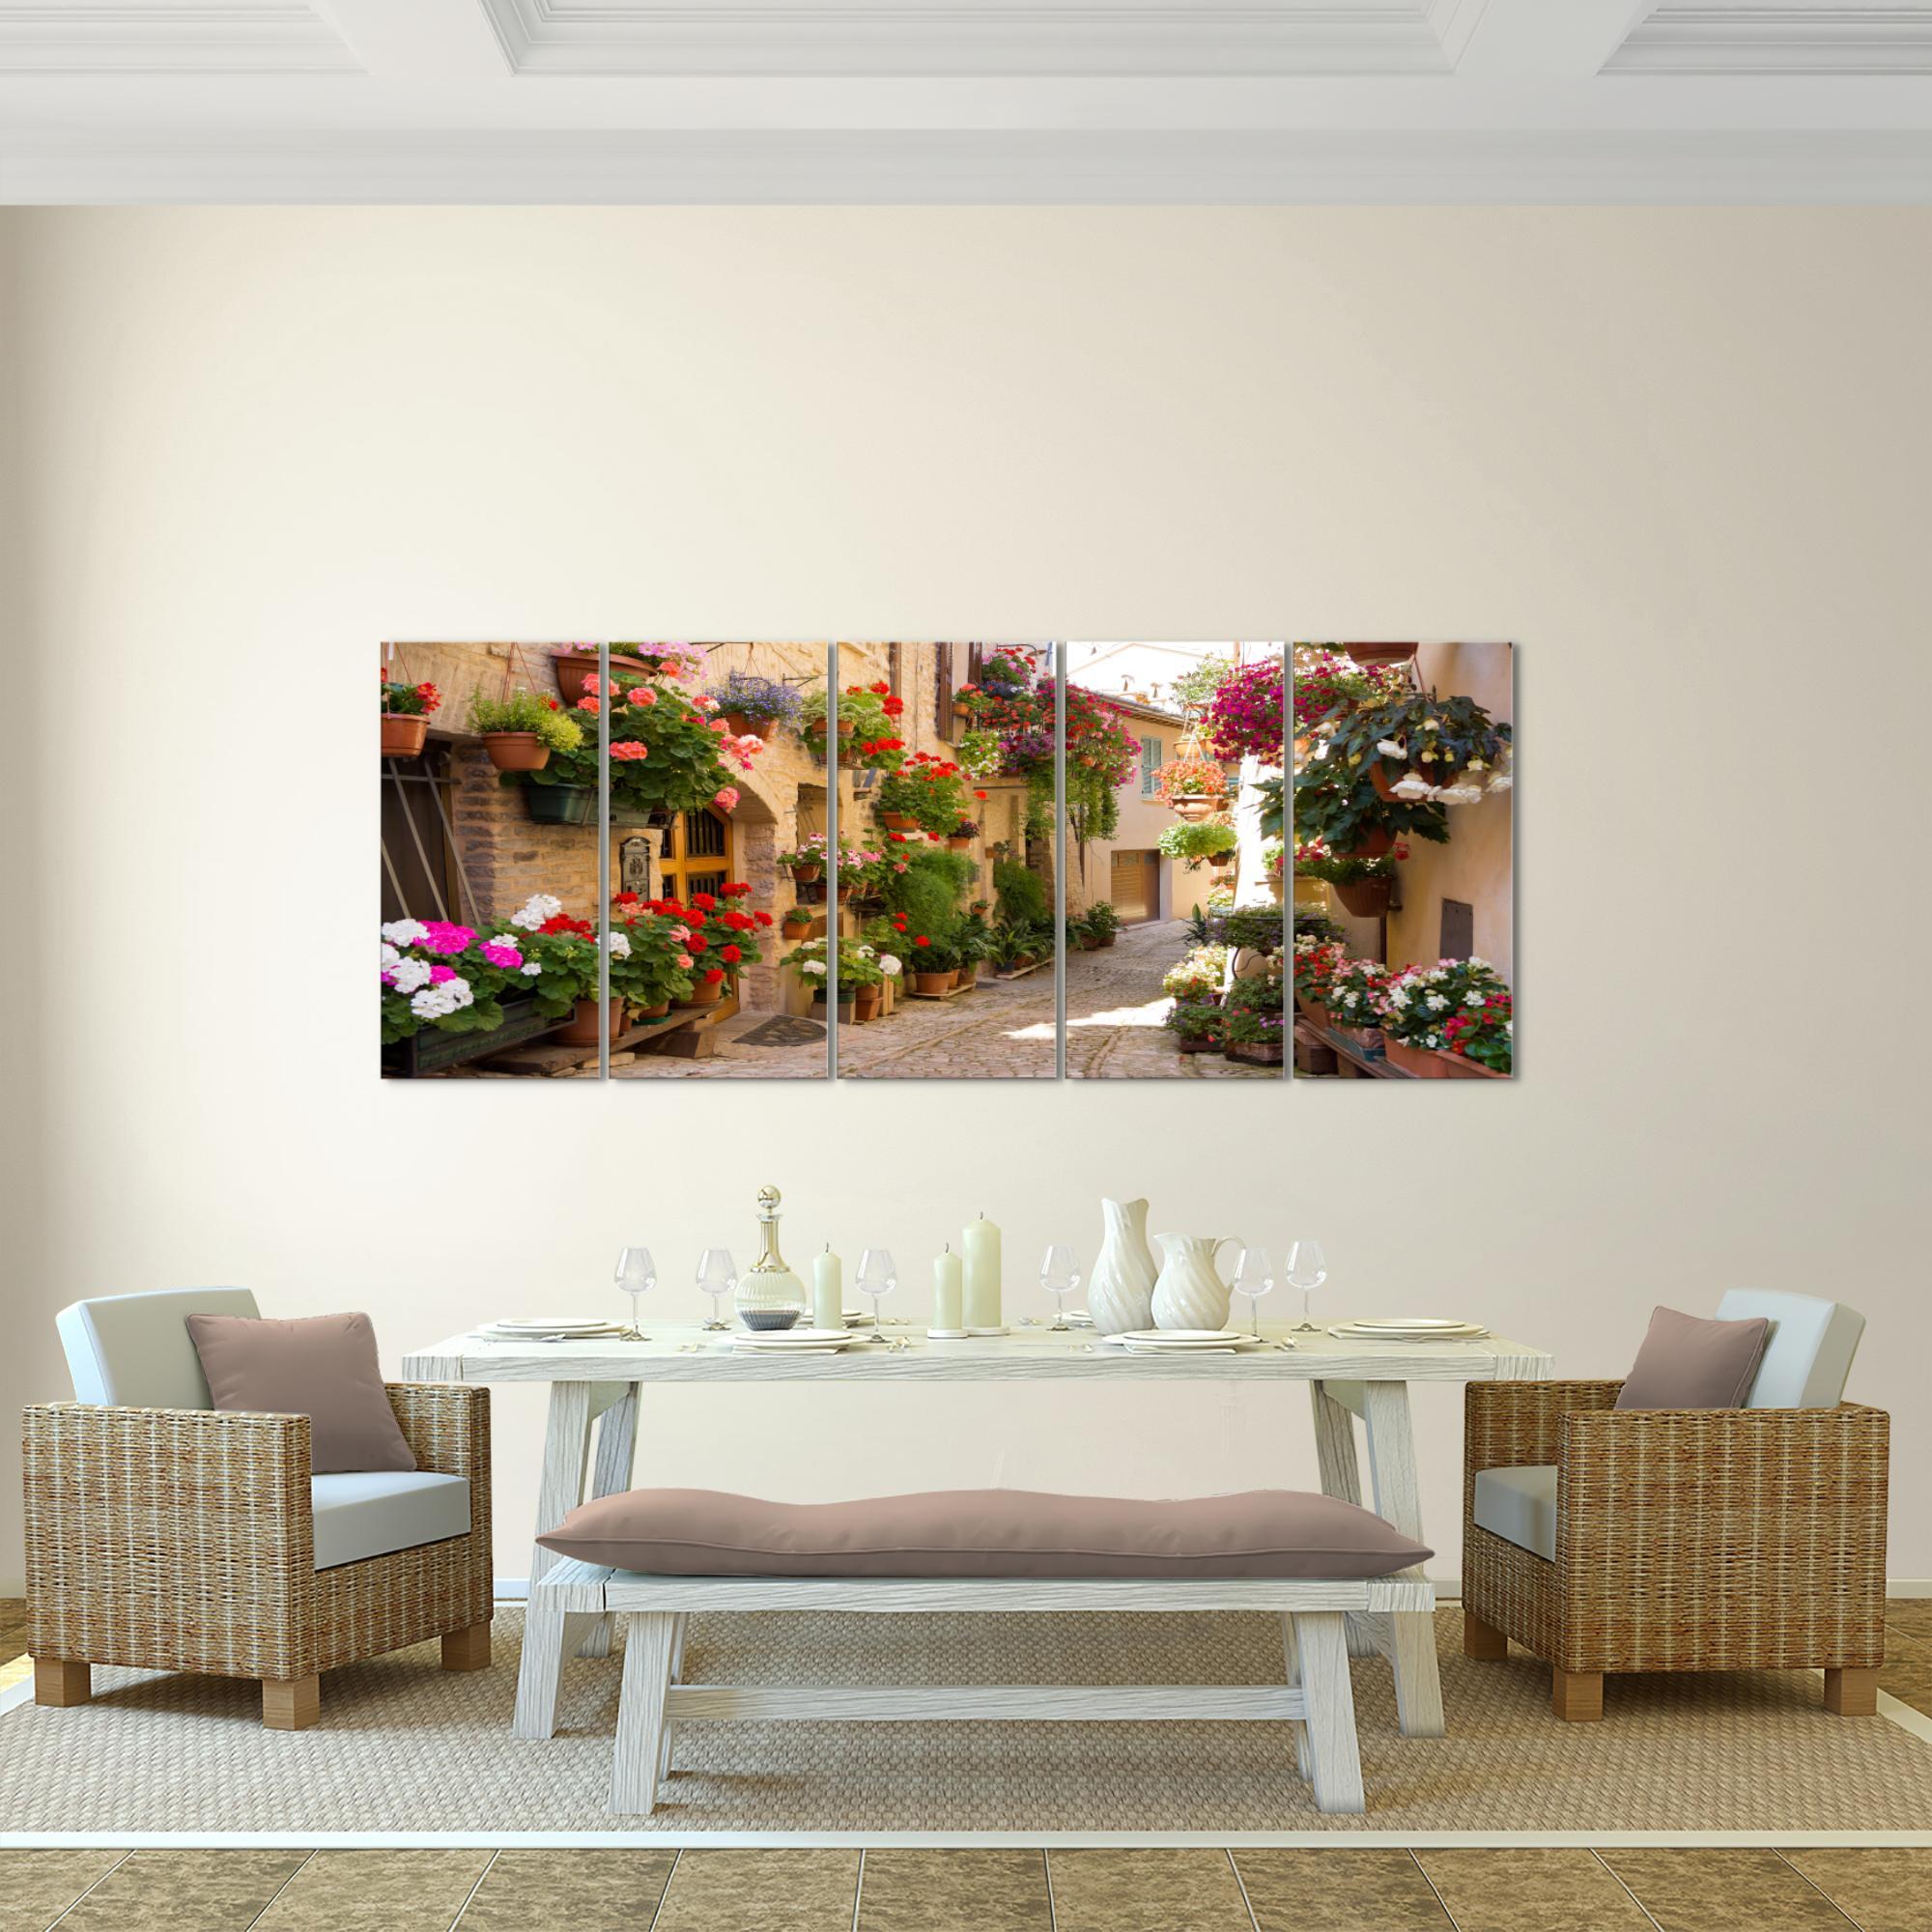 mediterran italien bild kunstdruck auf vlies leinwand xxl dekoration 024755p. Black Bedroom Furniture Sets. Home Design Ideas